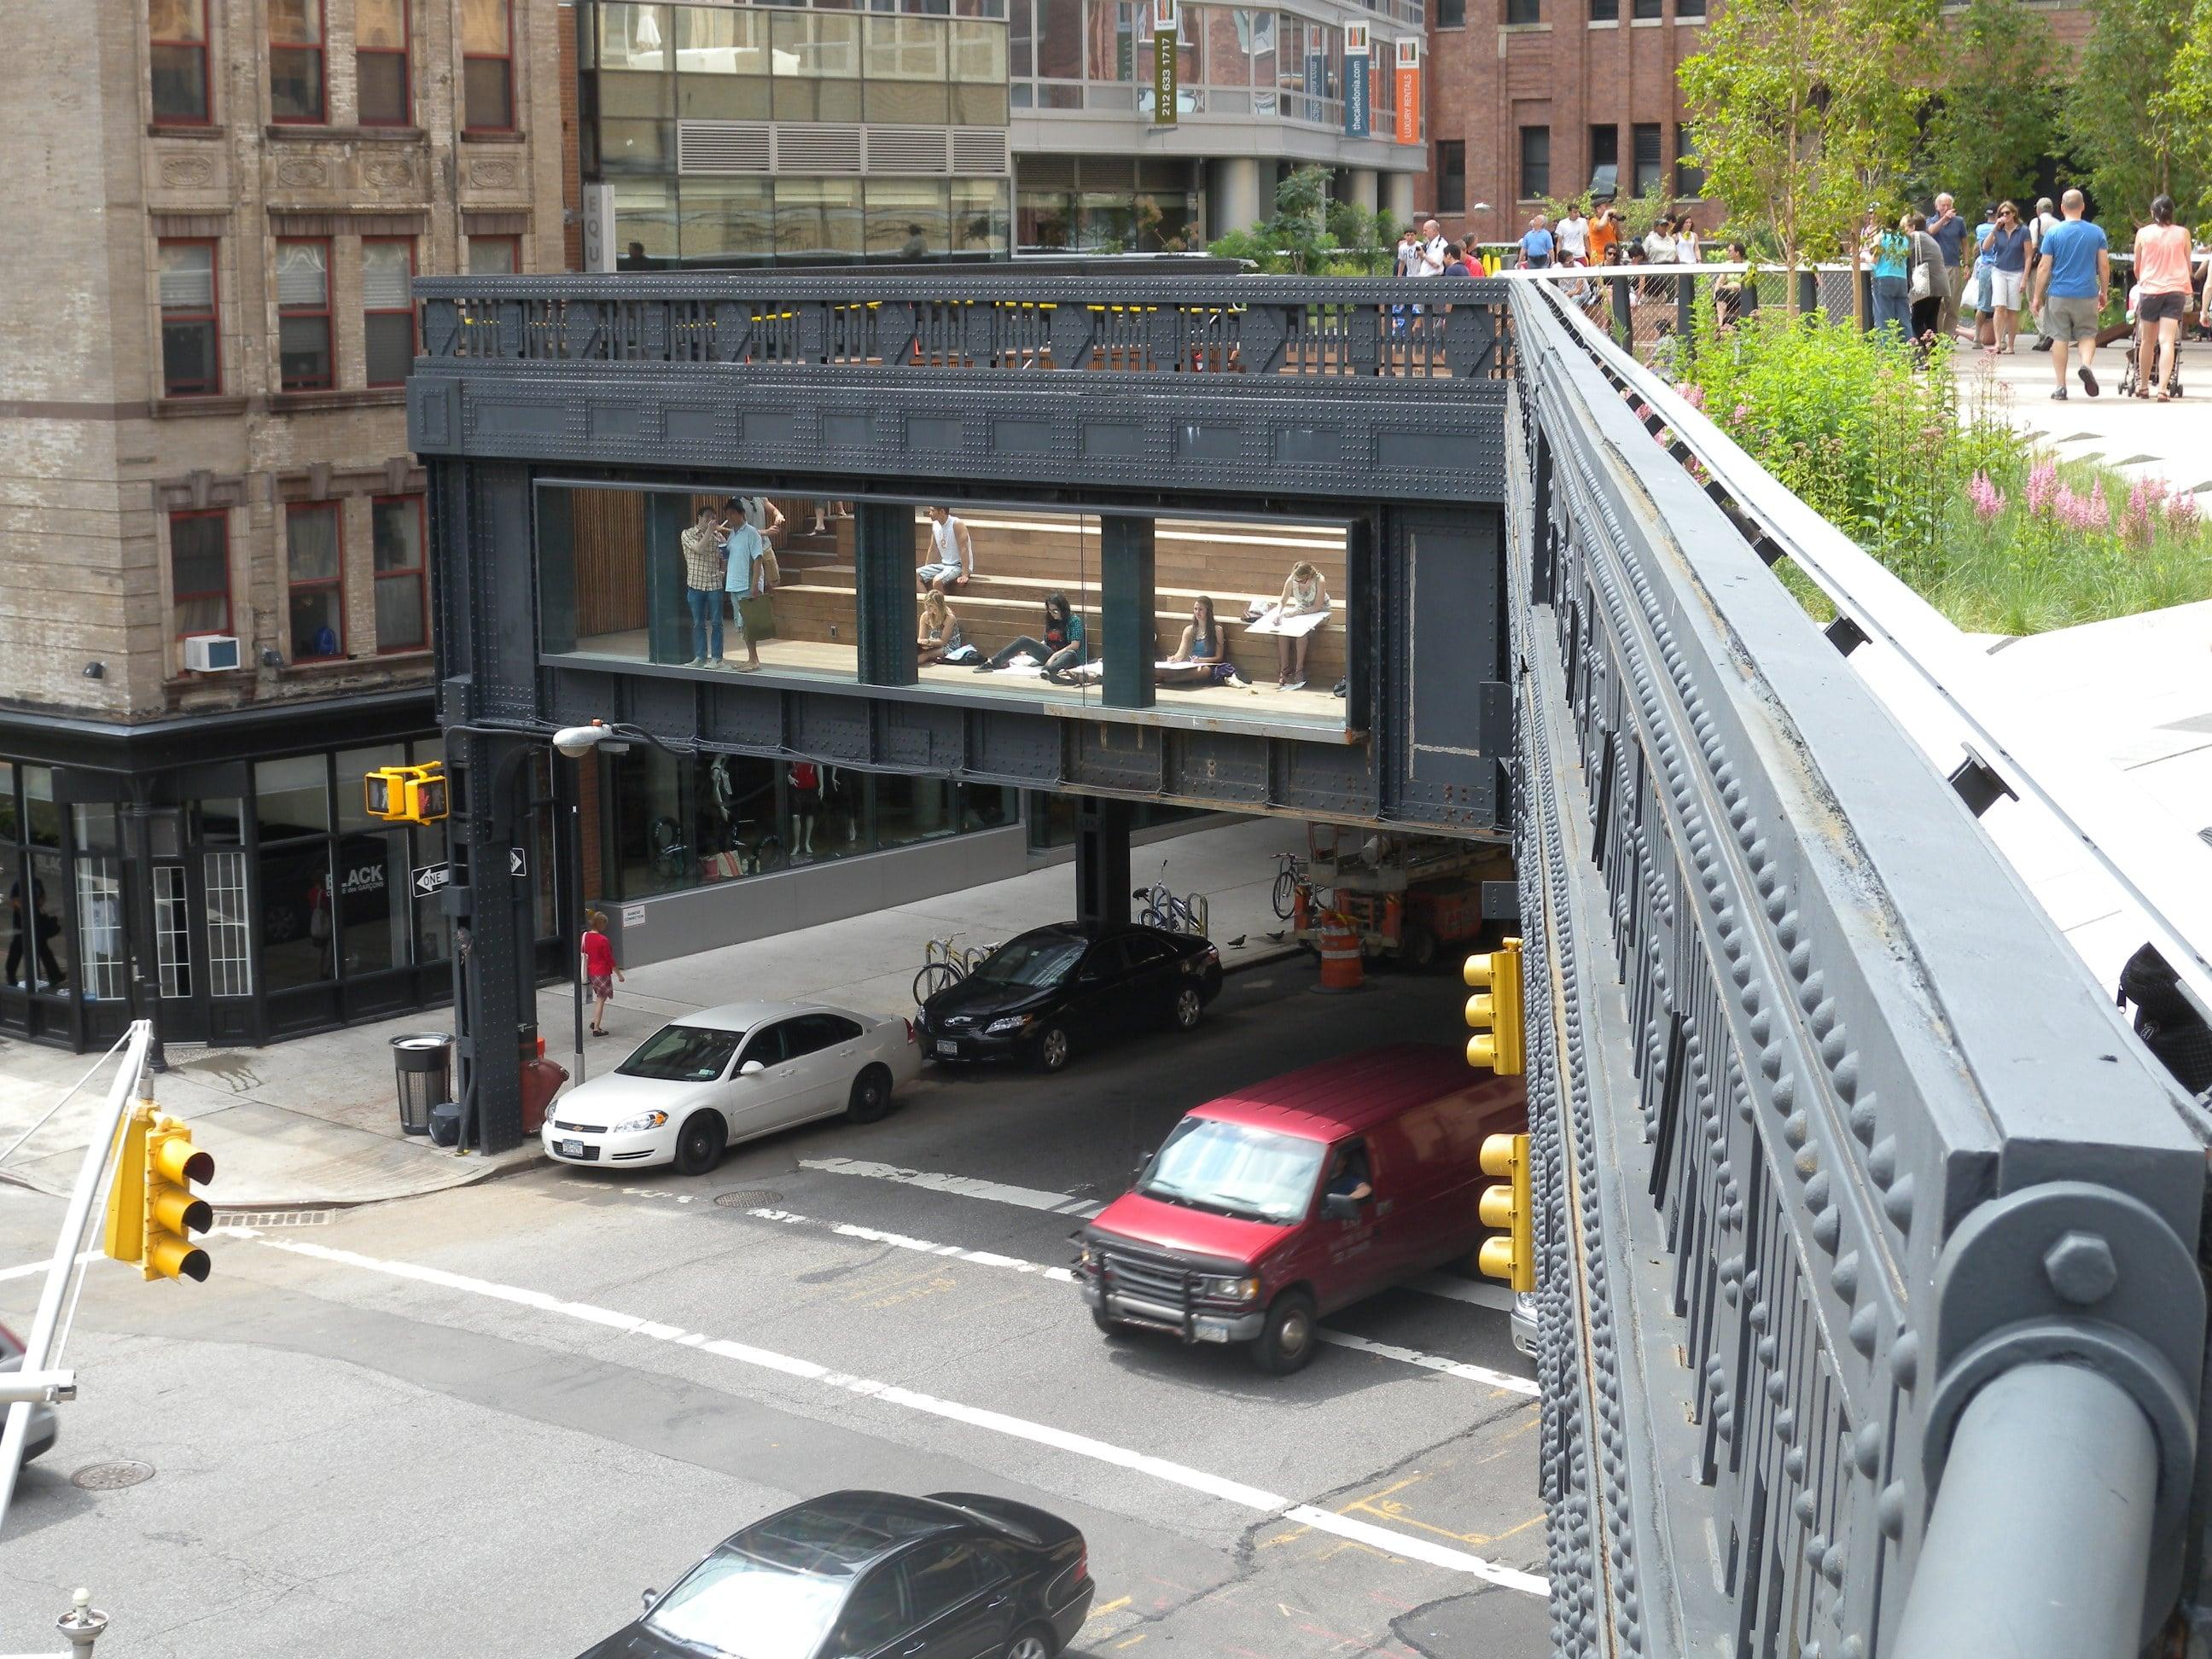 Sub High Line viața orașului merge înainte în același pas accelerat